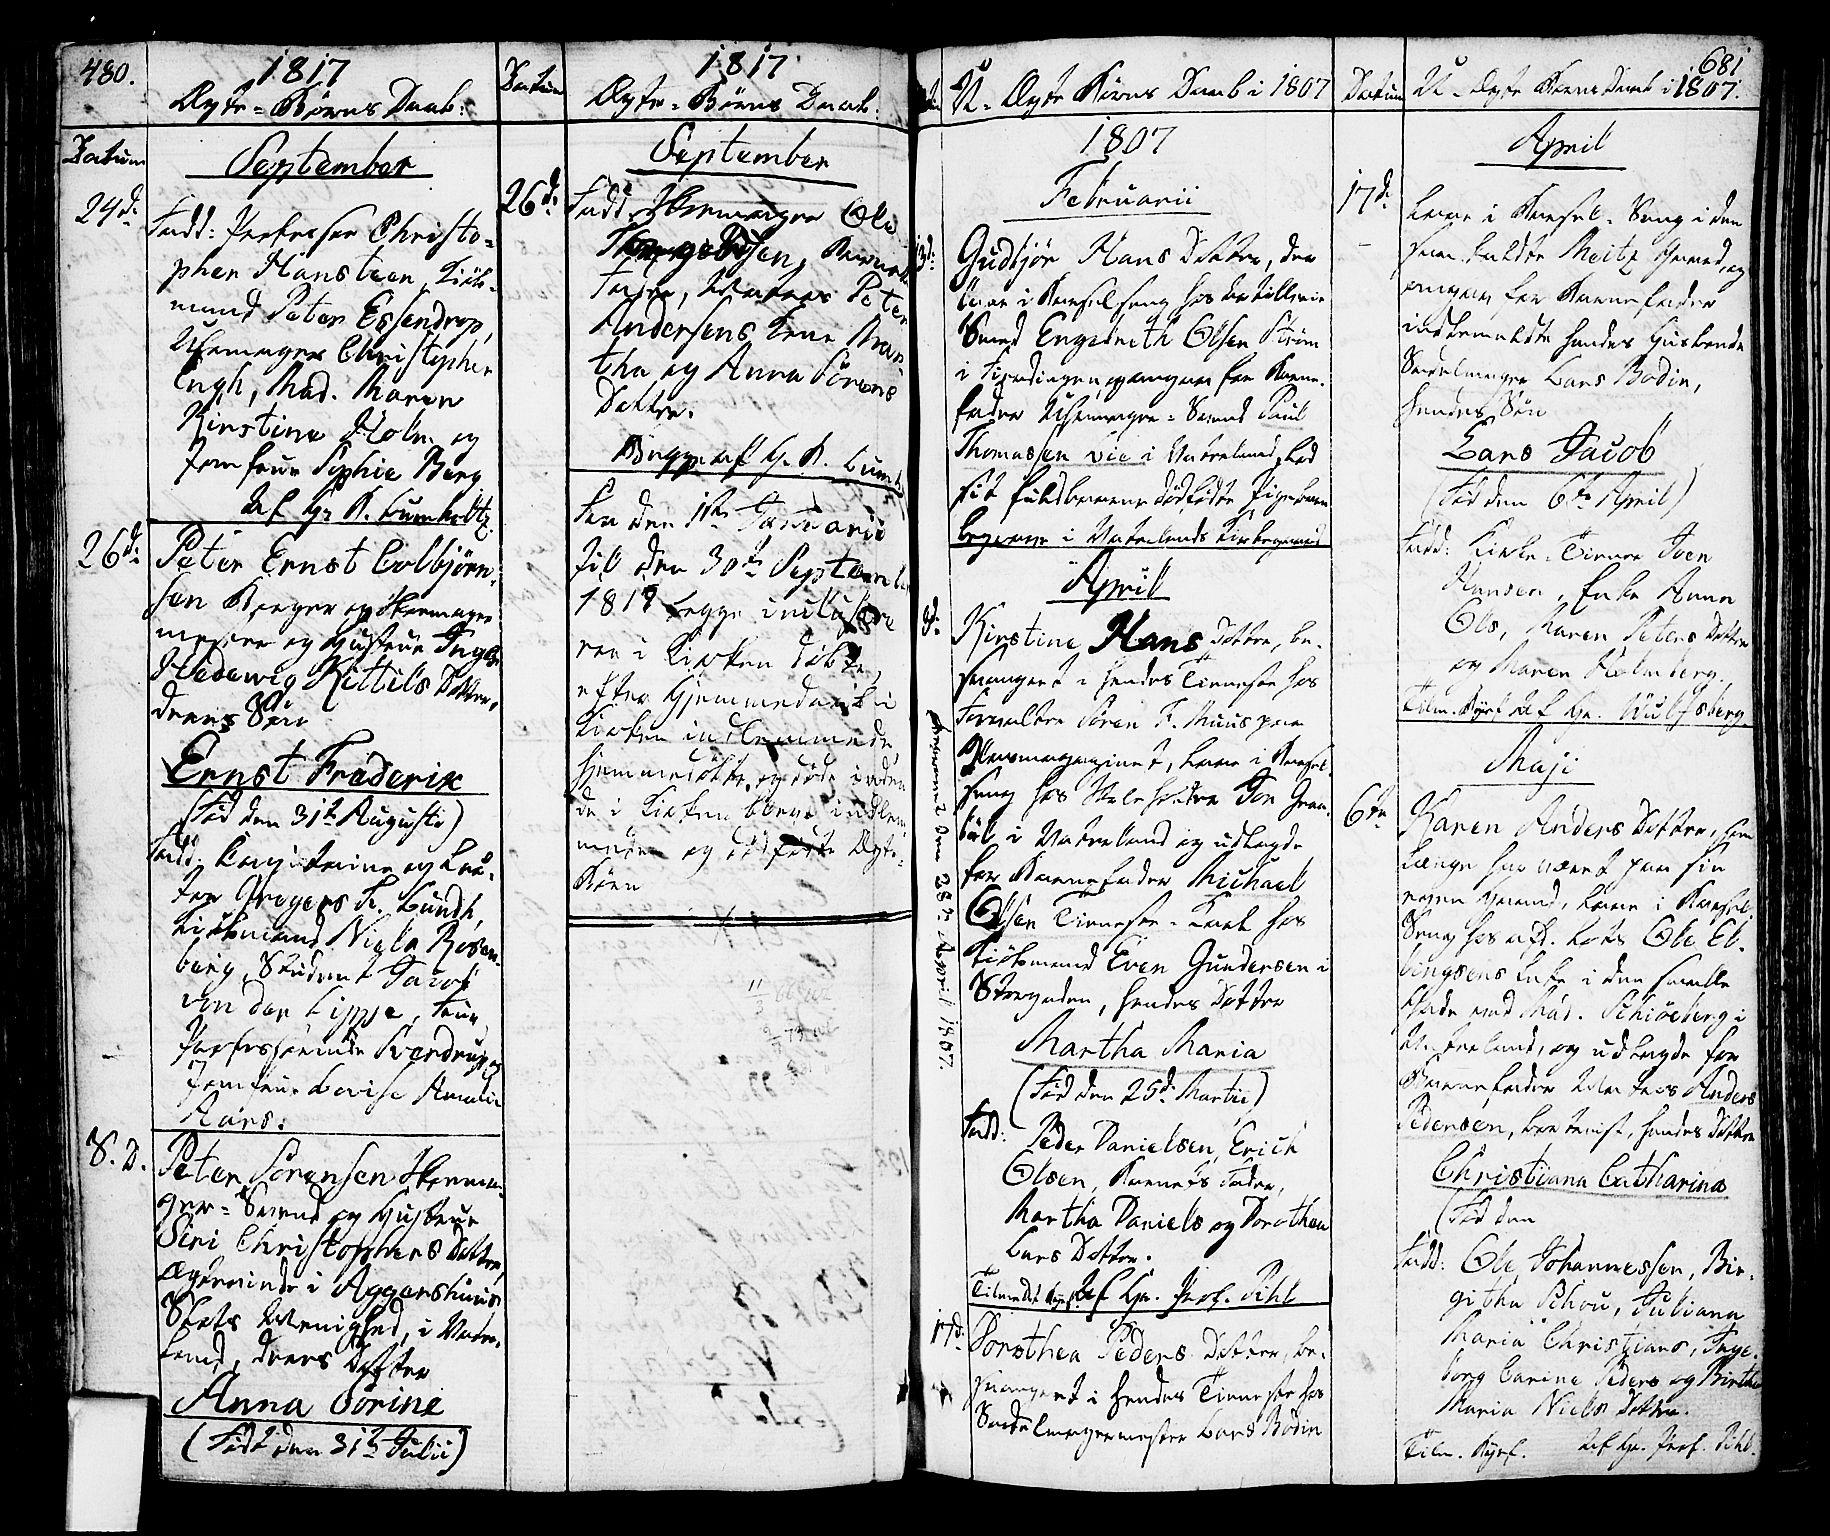 SAO, Oslo domkirke Kirkebøker, F/Fa/L0006: Ministerialbok nr. 6, 1807-1817, s. 480